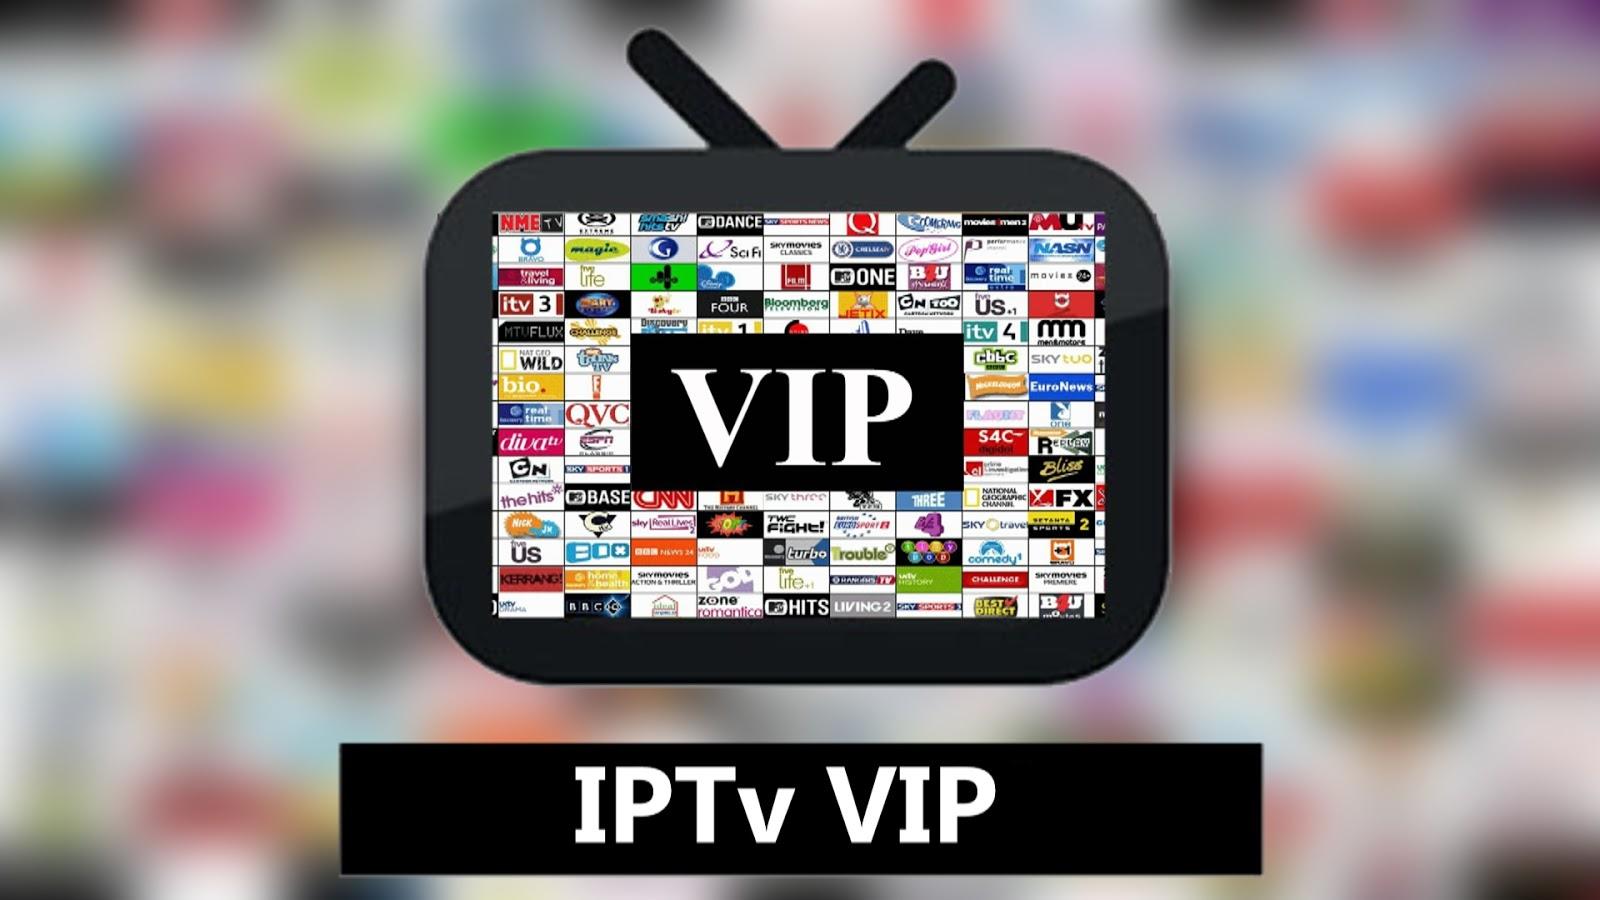 IPTv Free M3U IPTv VIP IPTv M3u 08-09-2019